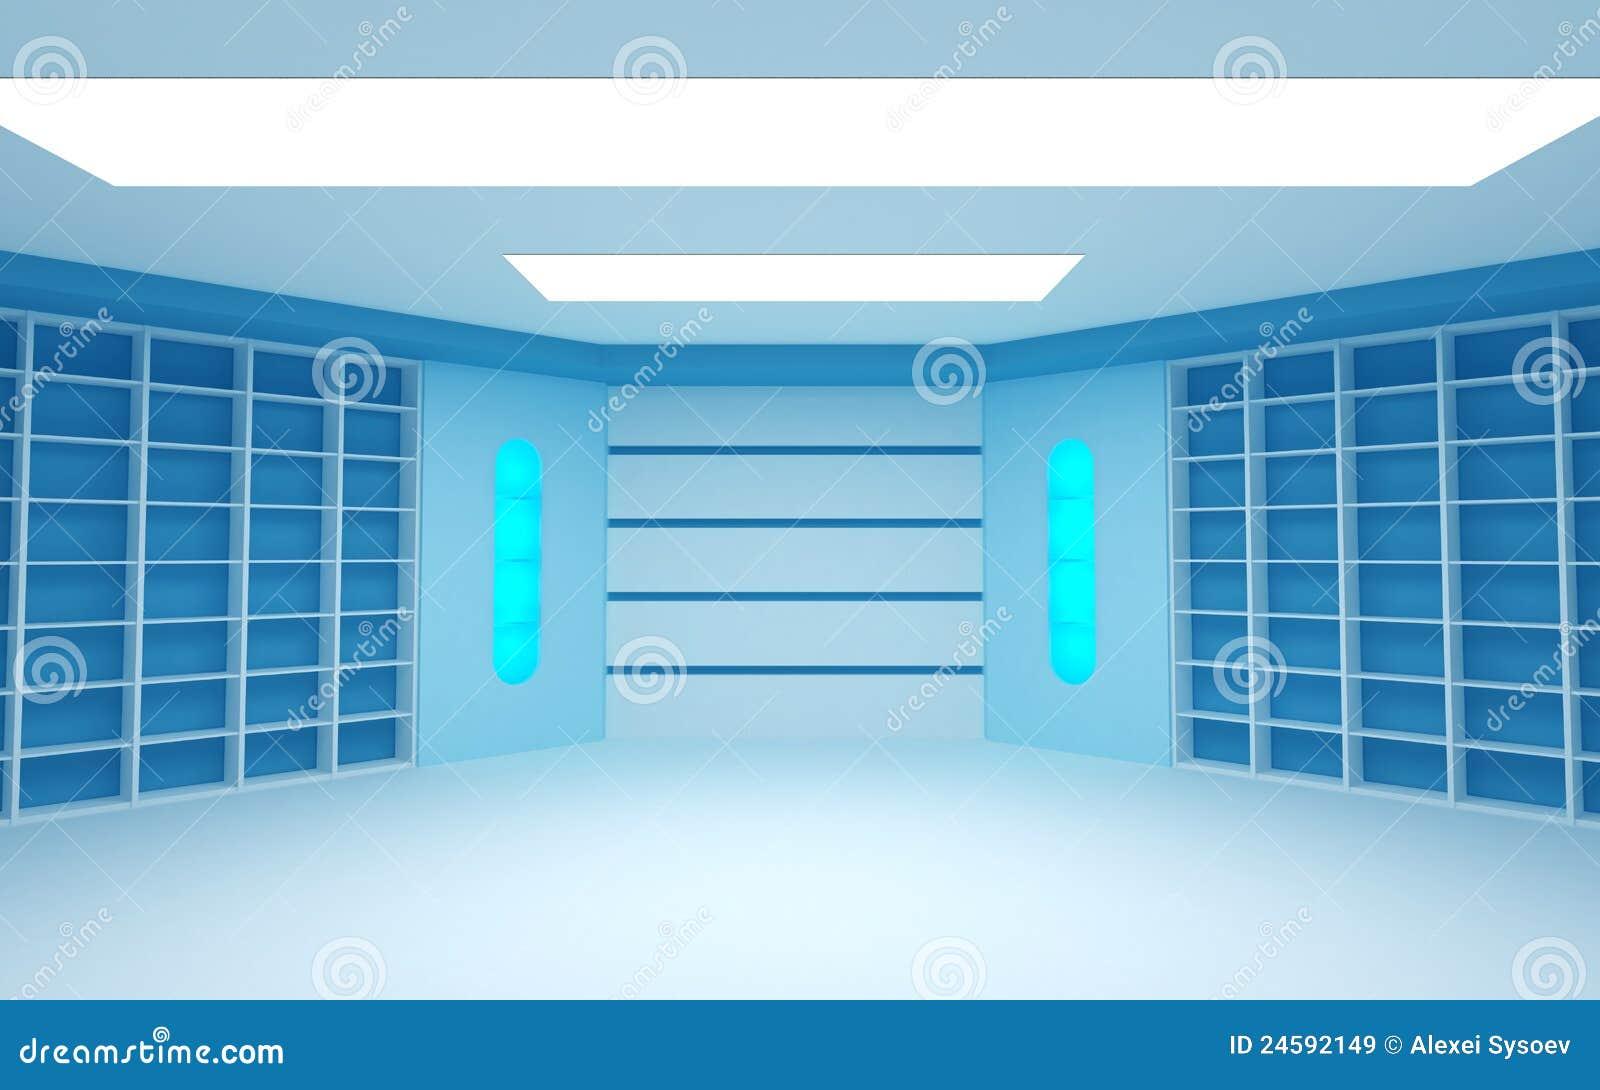 Futuristic Dark Room